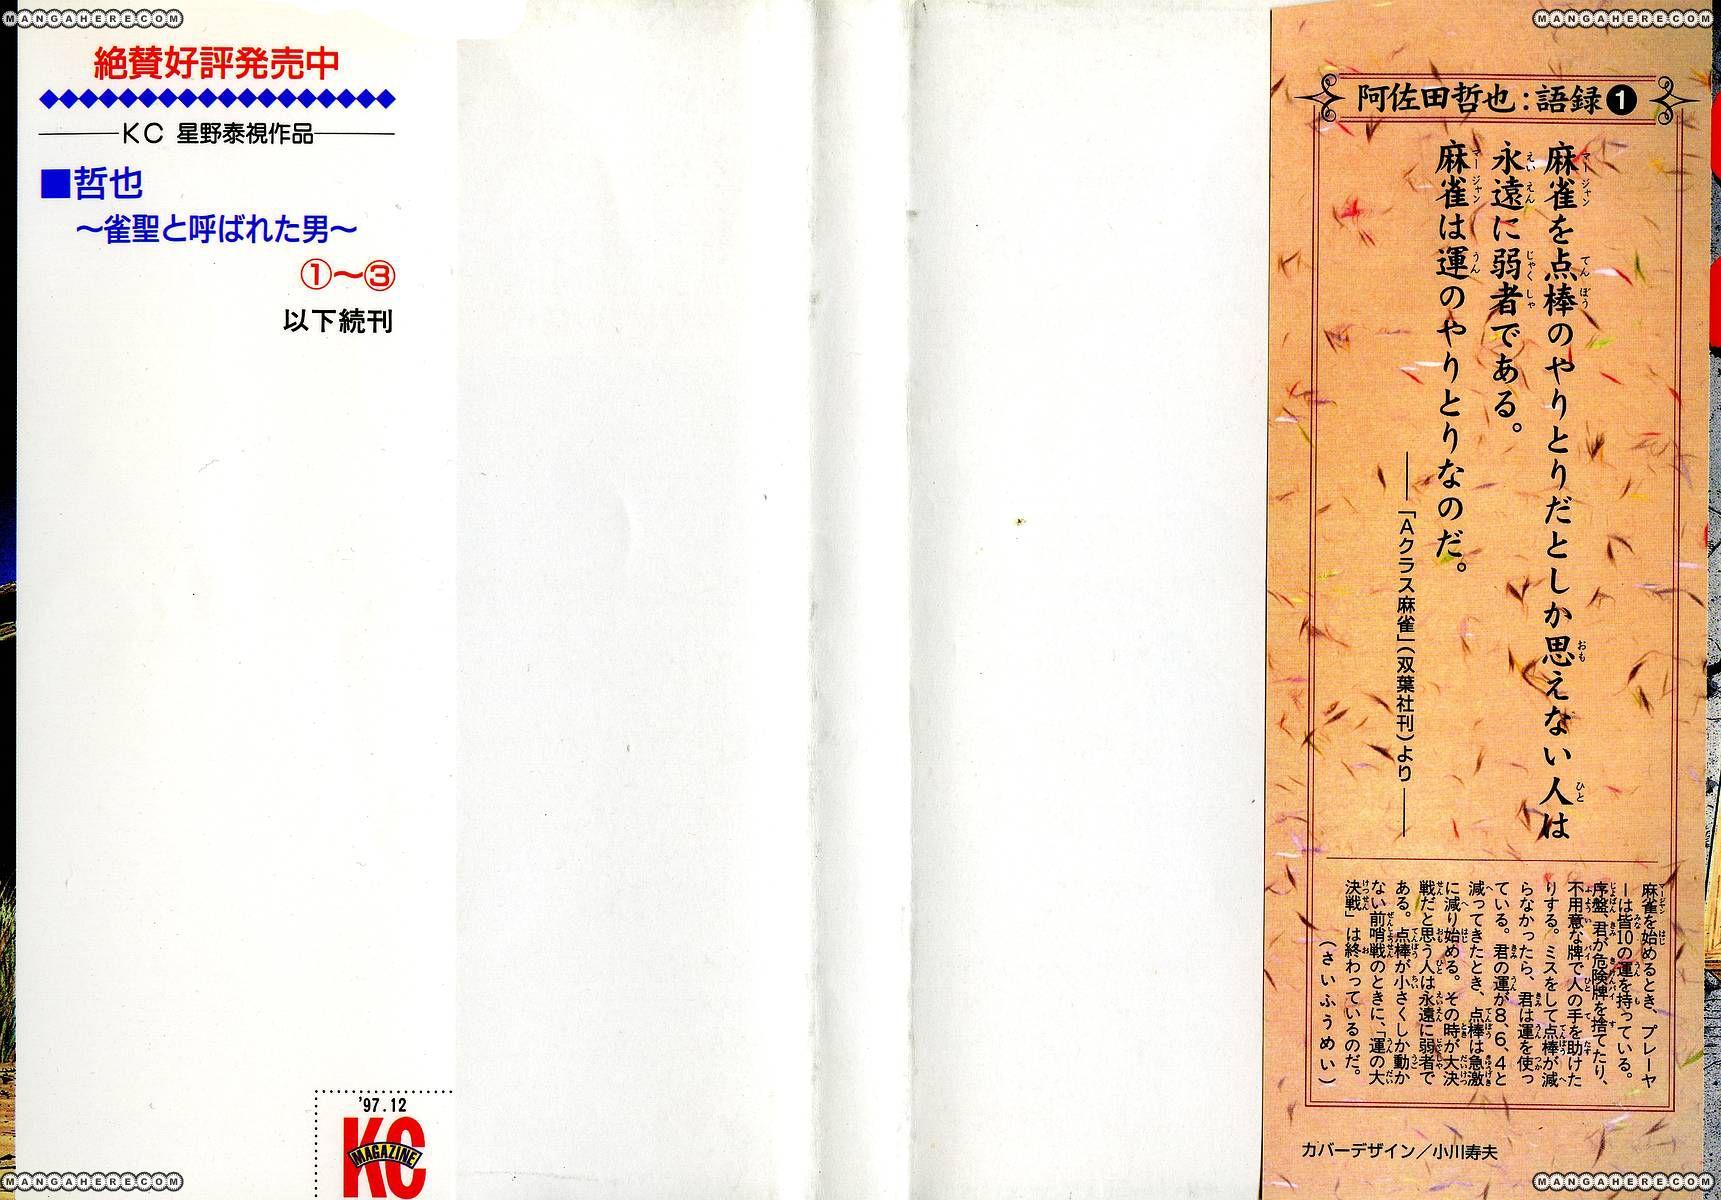 Tetsuya - Jansei to Yobareta Otoko 1 Page 2